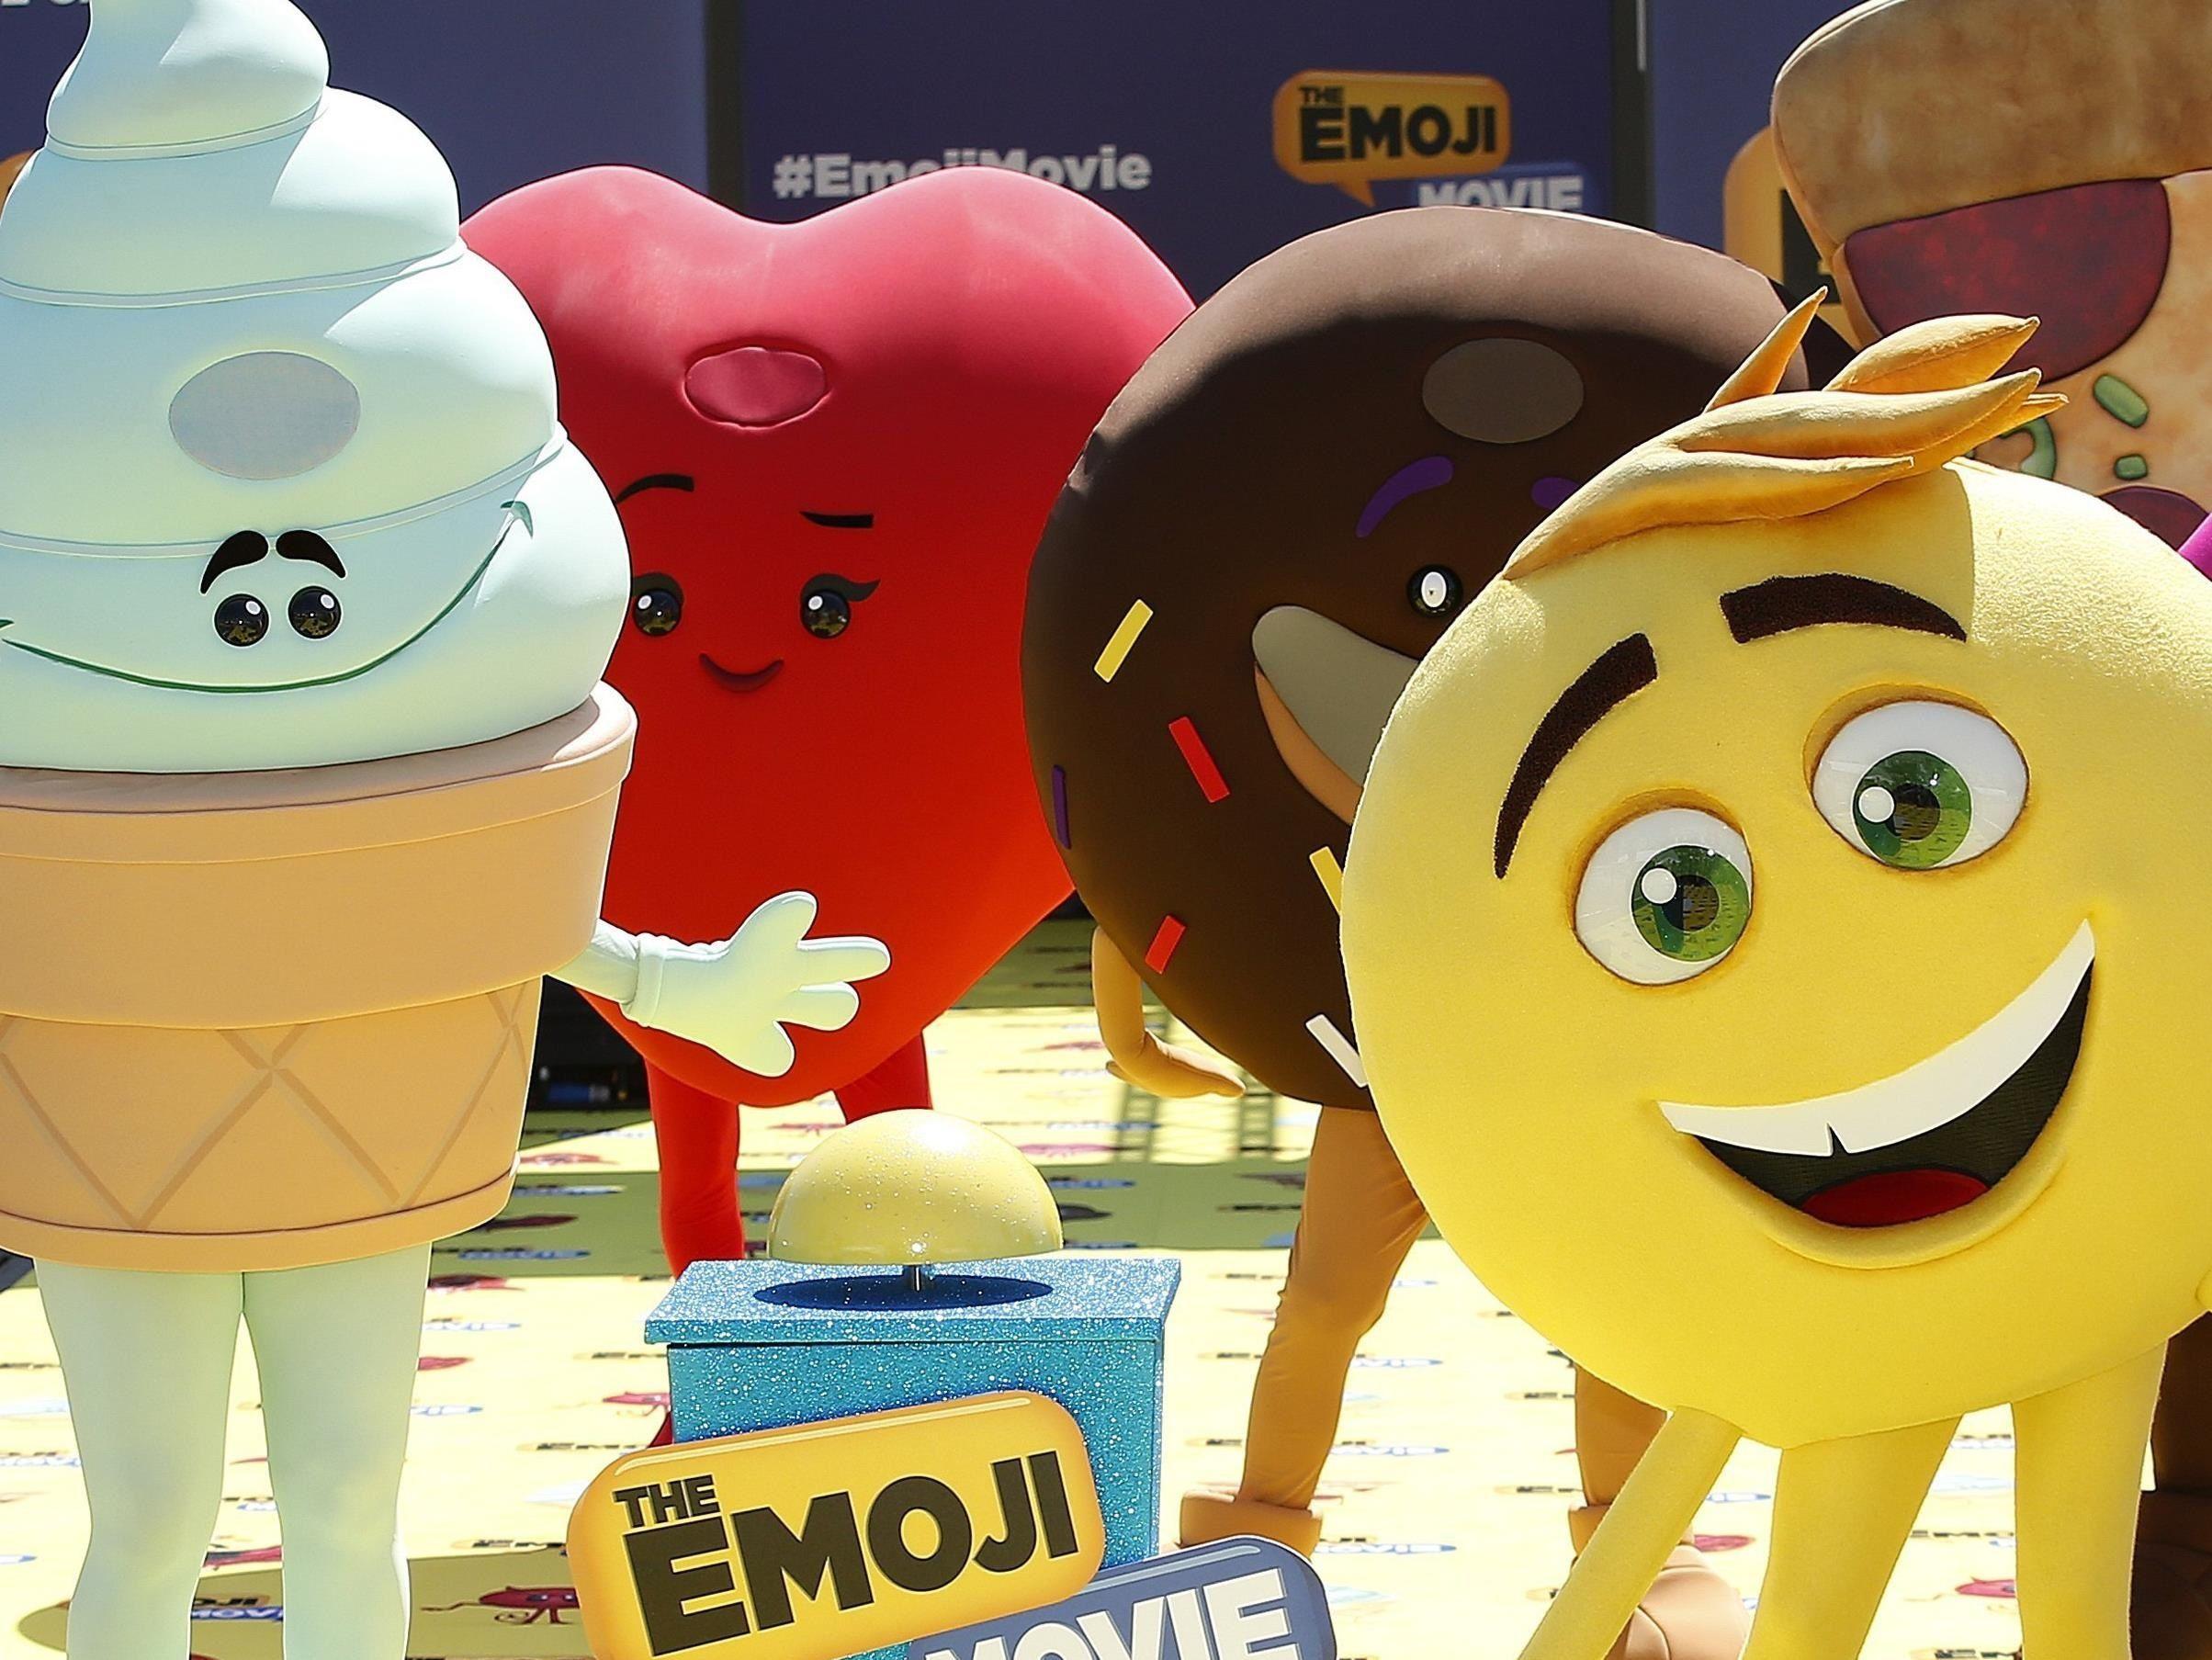 El Día Mundial del Emoji, que se celebra todos los 17 de julio, no tiene carácter oficial pero sirve cada año para poner en valor la relevancia que han adquirido. EFE/Sebastien Nogier/Archivo